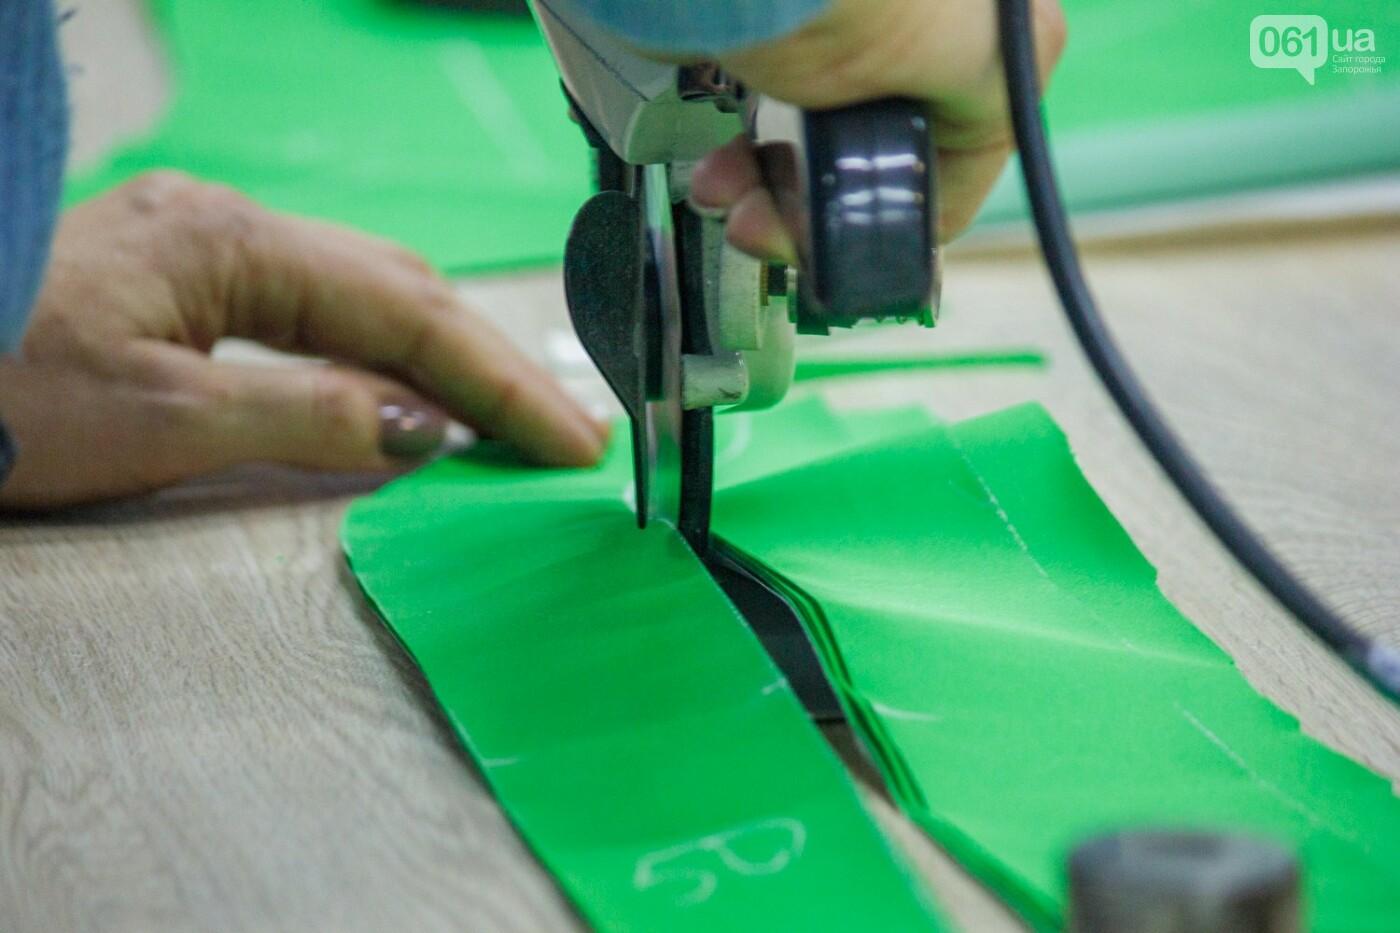 Как в Запорожье шьют мужское белье: экскурсия на трикотажную фабрику, – ФОТОРЕПОРТАЖ, фото-11